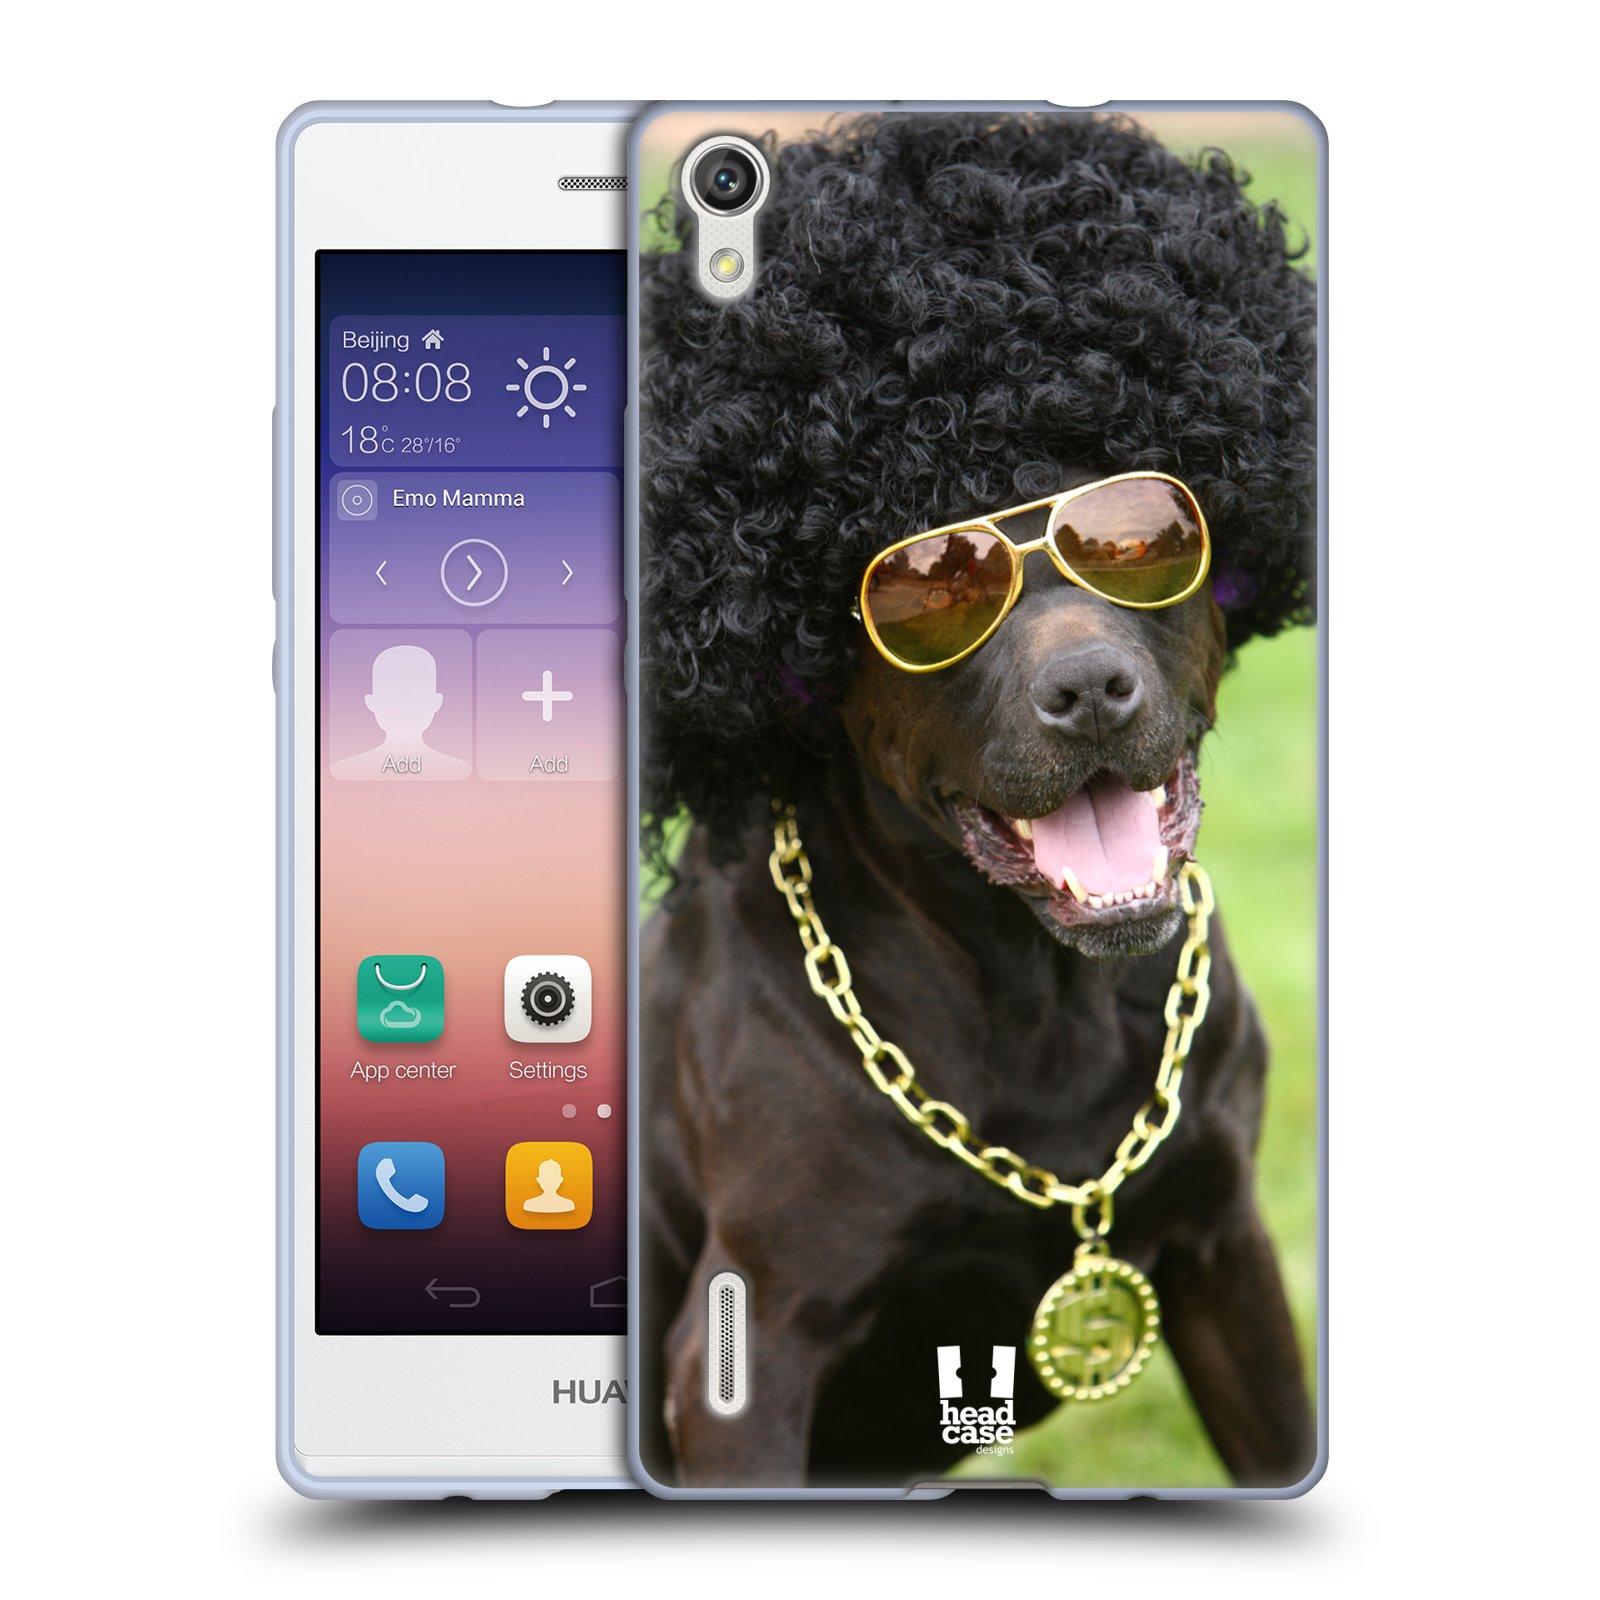 HEAD CASE silikonový obal na mobil Huawei Ascend P7 Legrační zvířátka Dalmatin se sluchátky